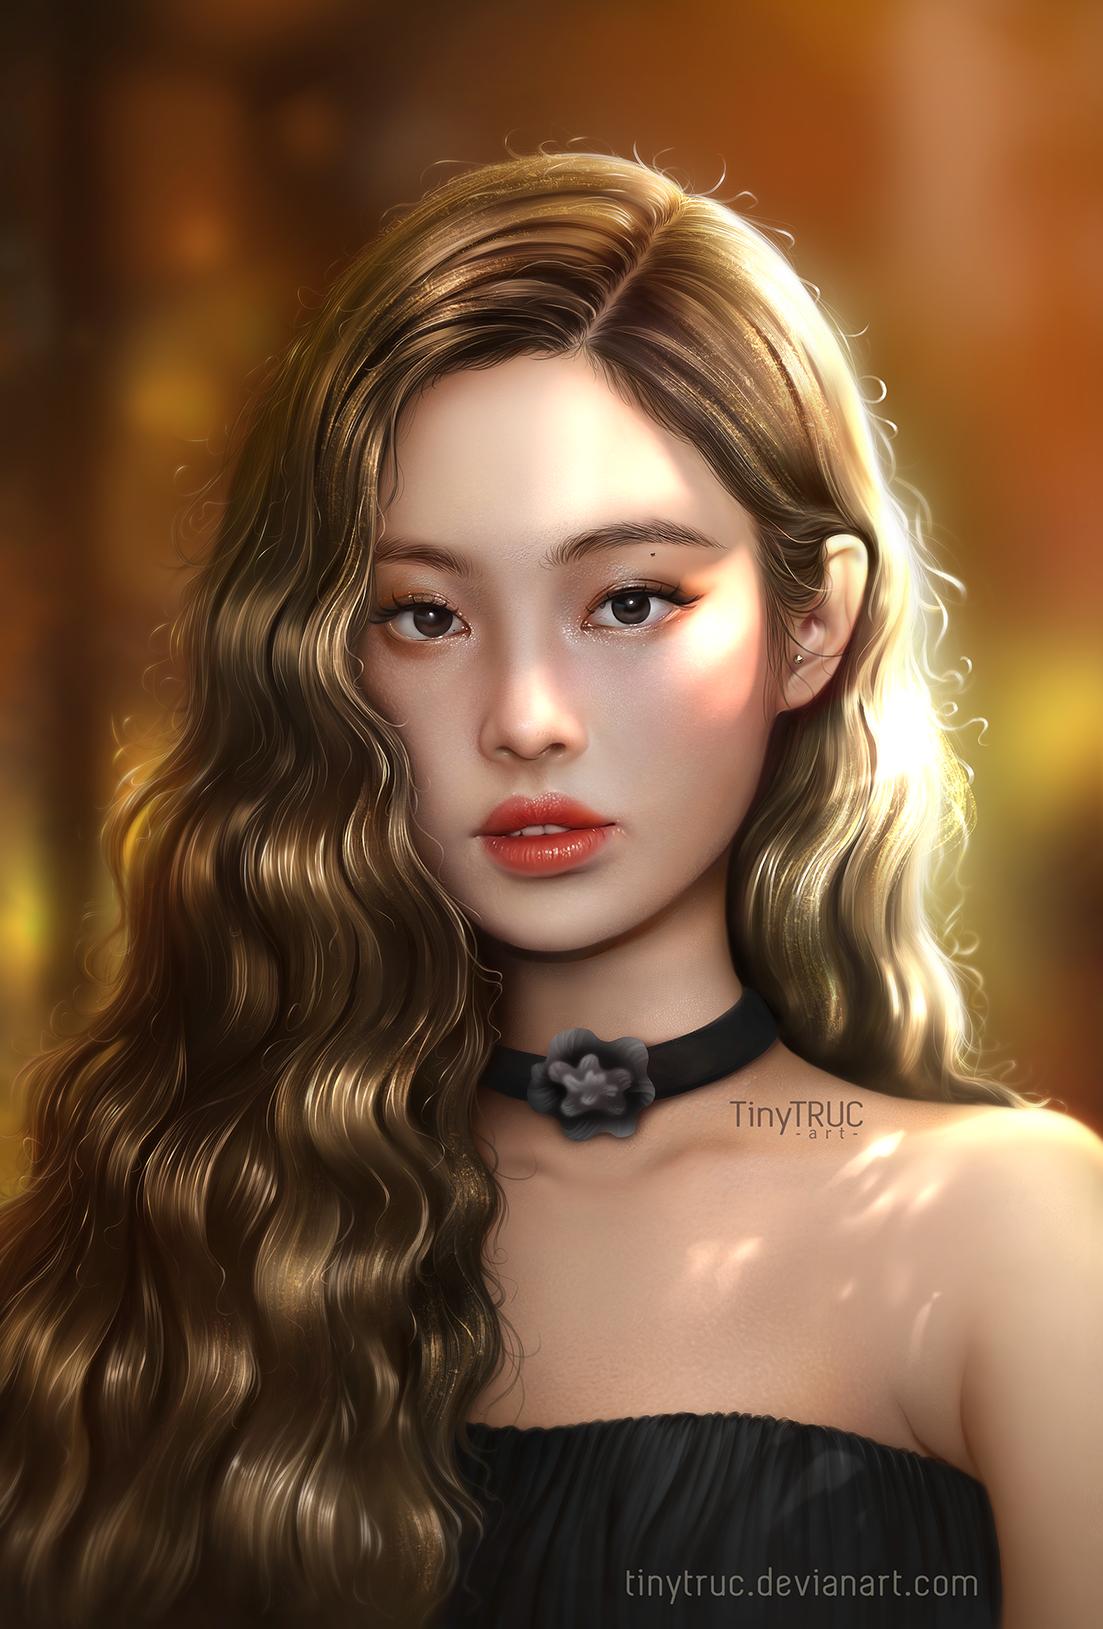 Jennie Blackpink fan art portrait on Behance